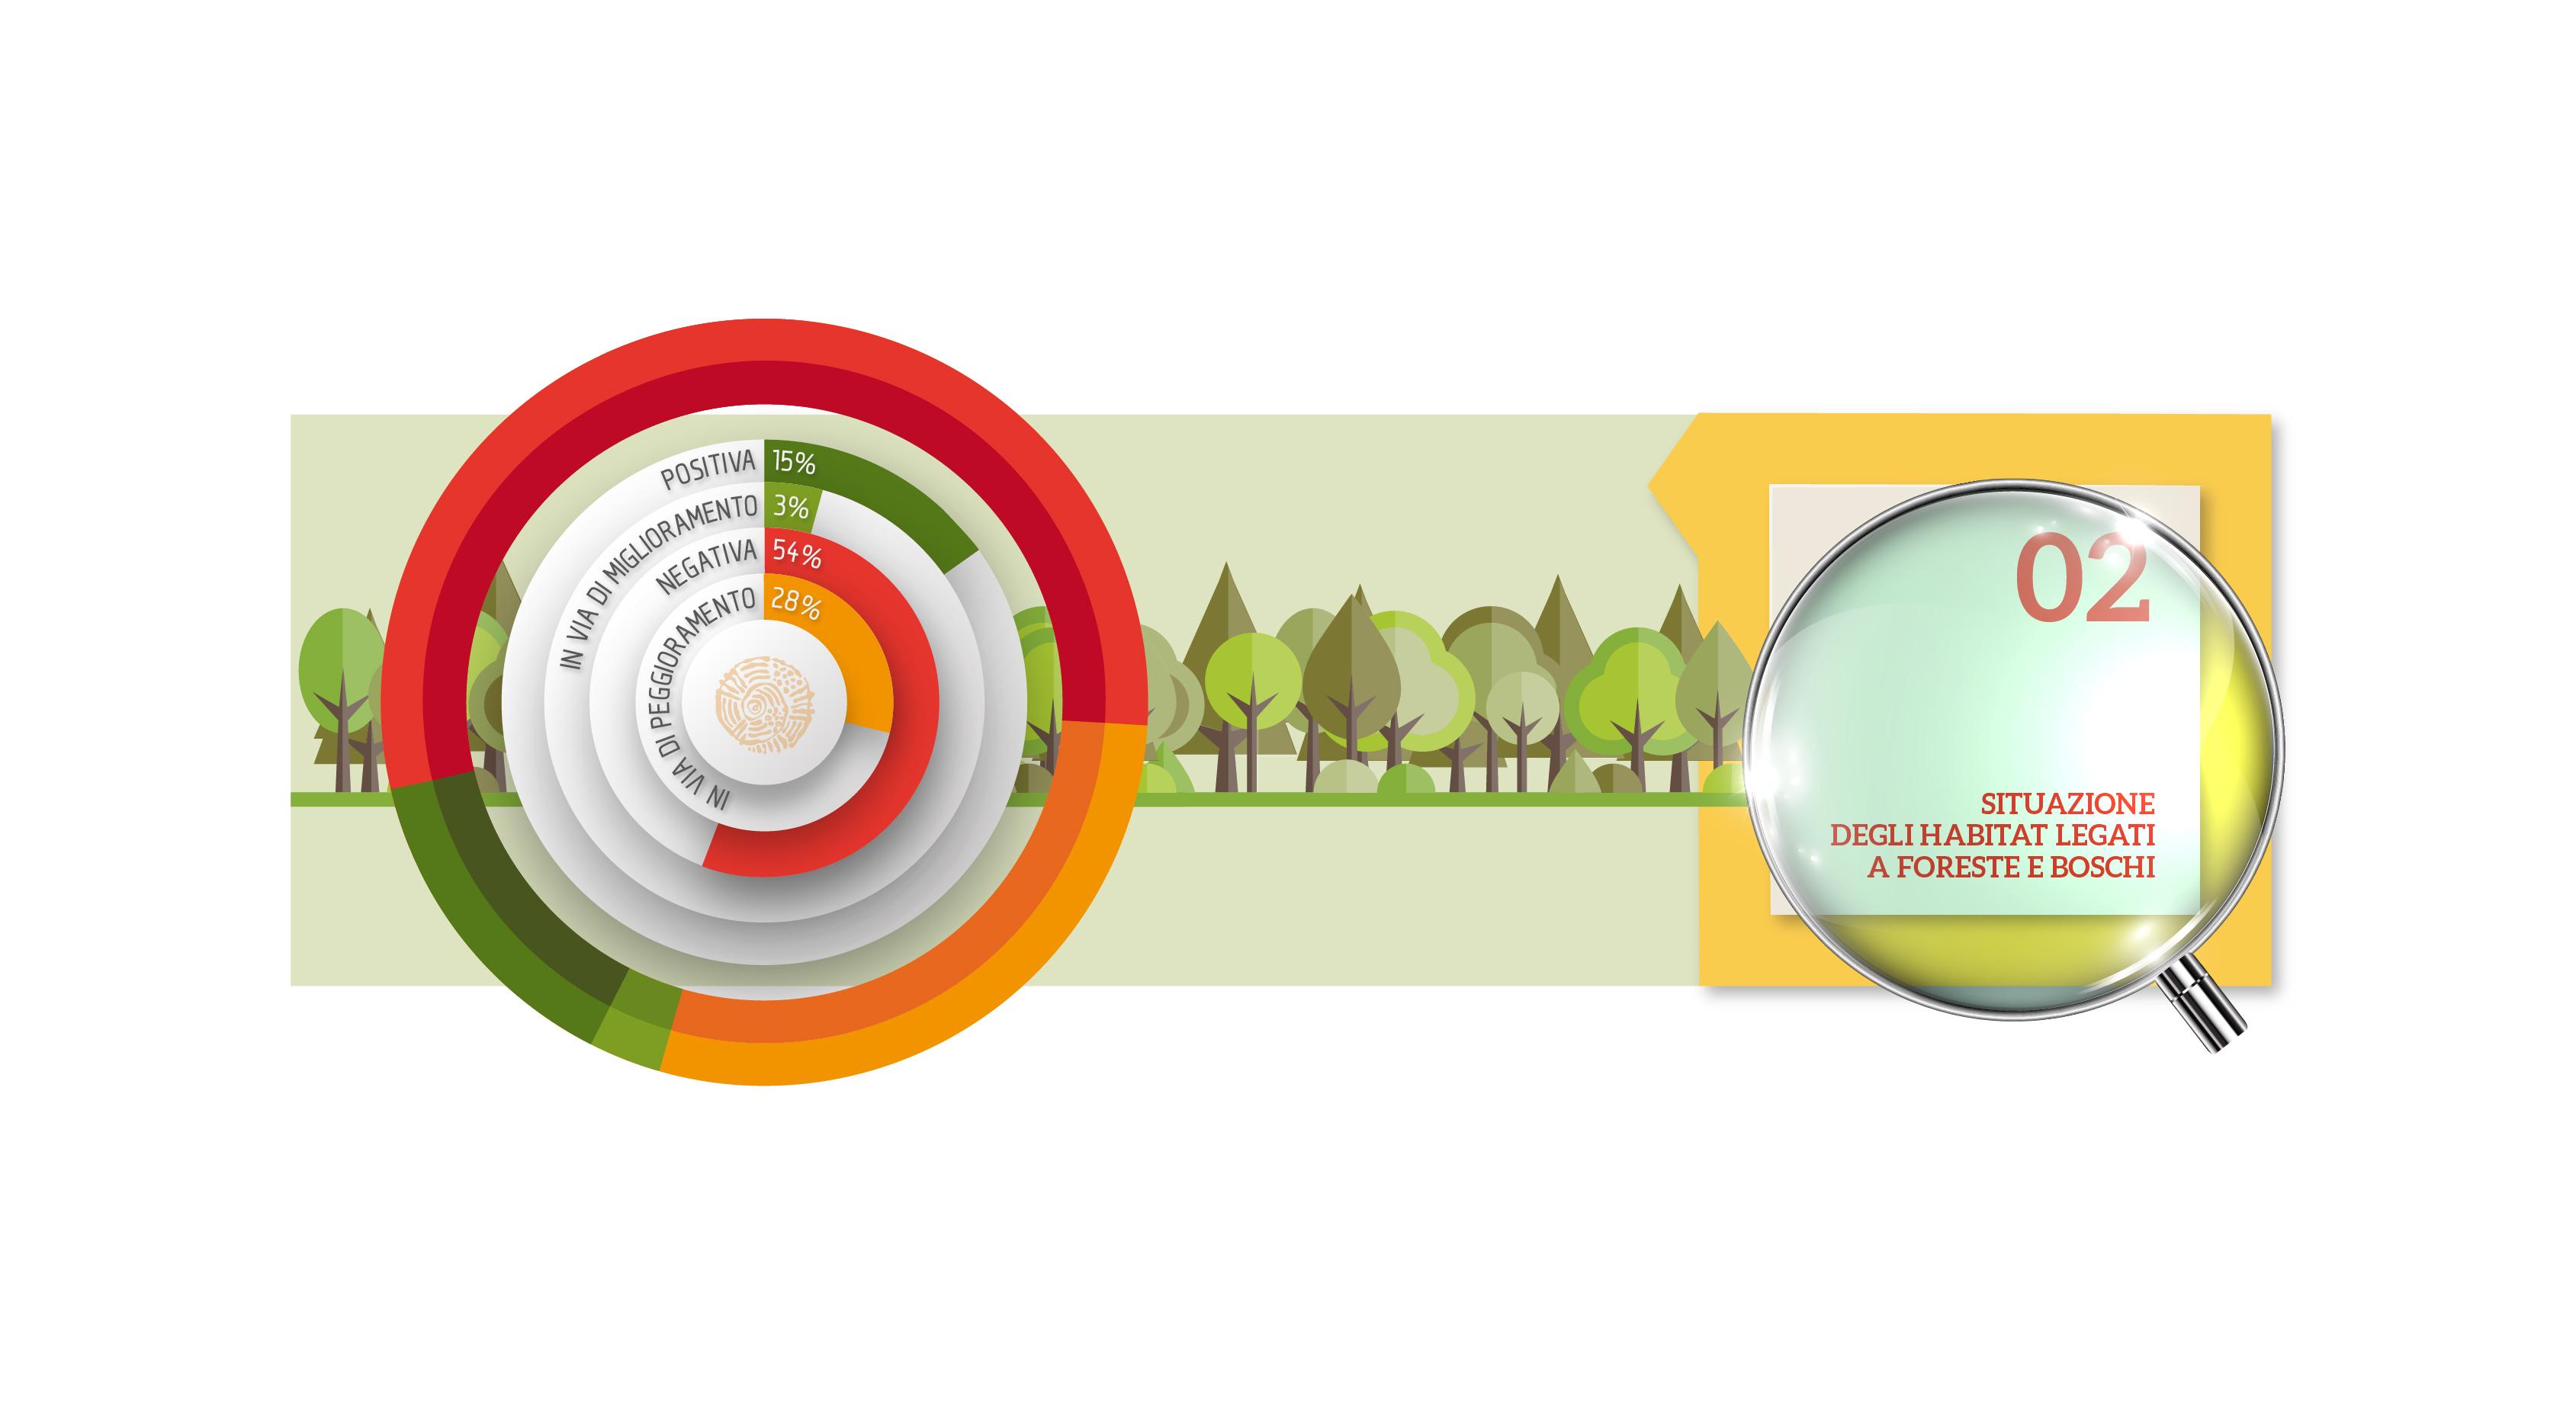 Habitat e foreste e boschi: a che punto siamo?